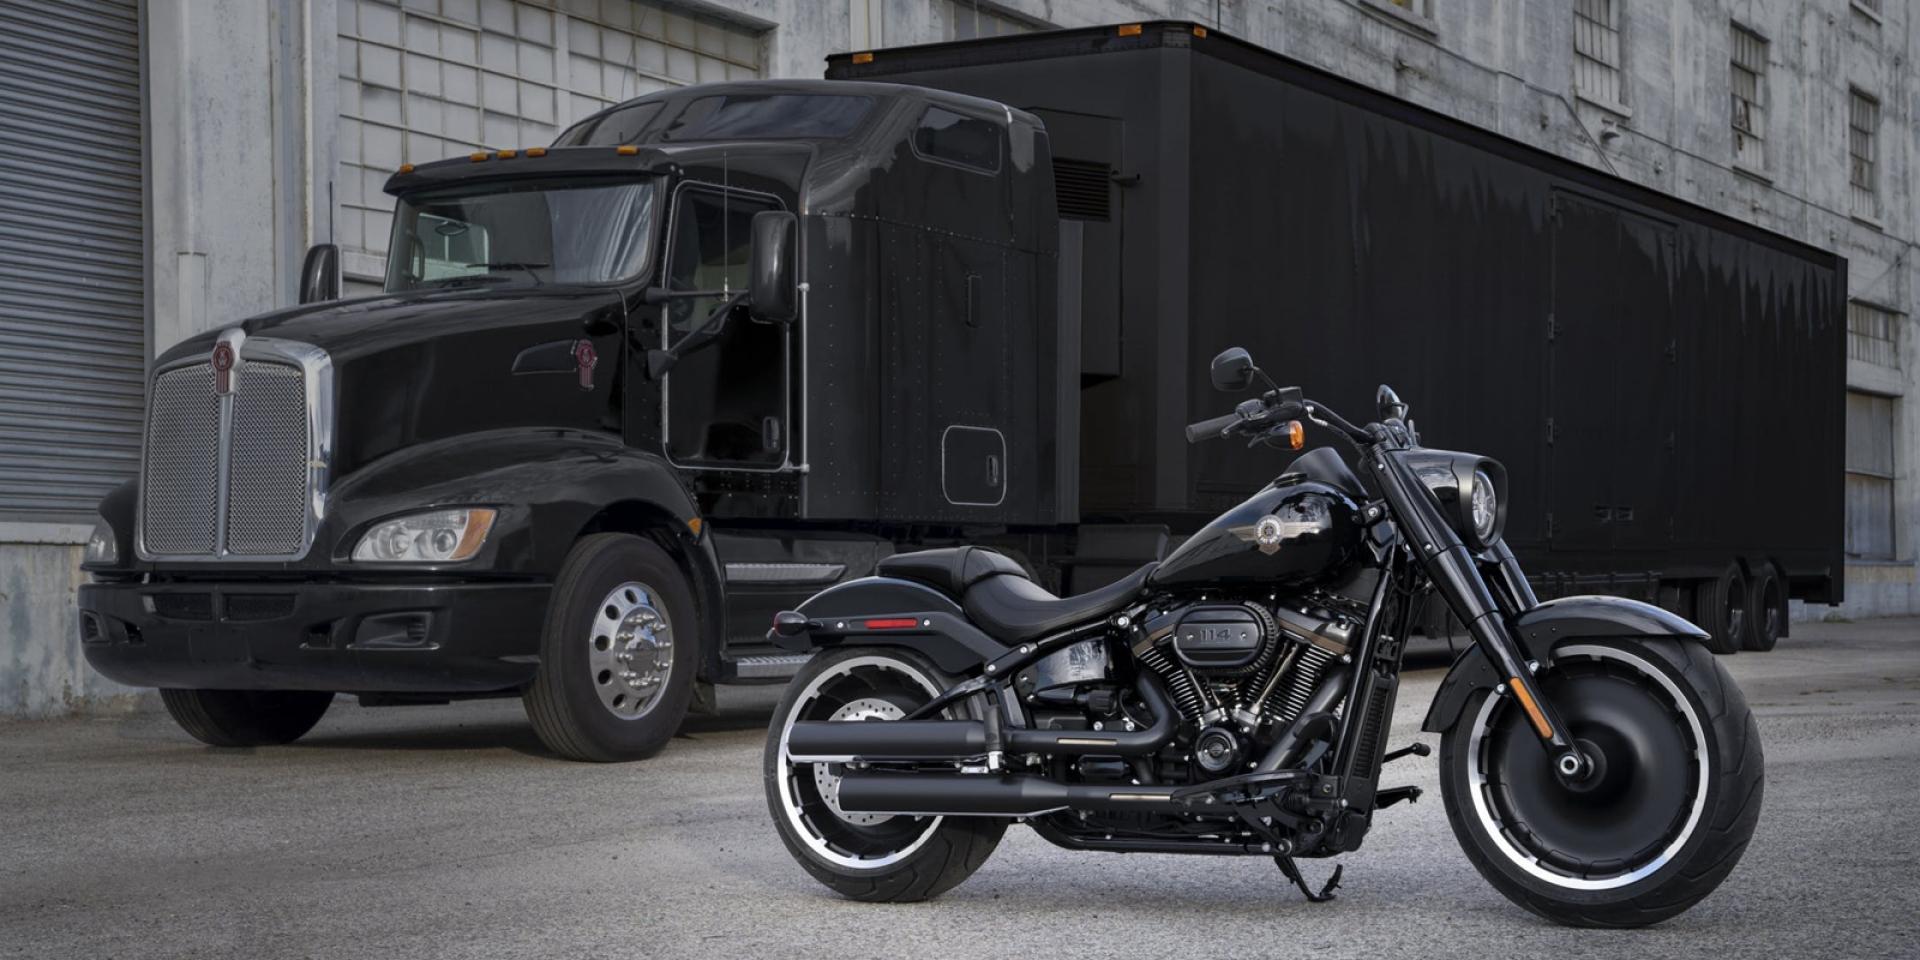 限量2,500台的黑衣殺手。Harley-Davidson Fatboy 30週年特仕版海外發表!